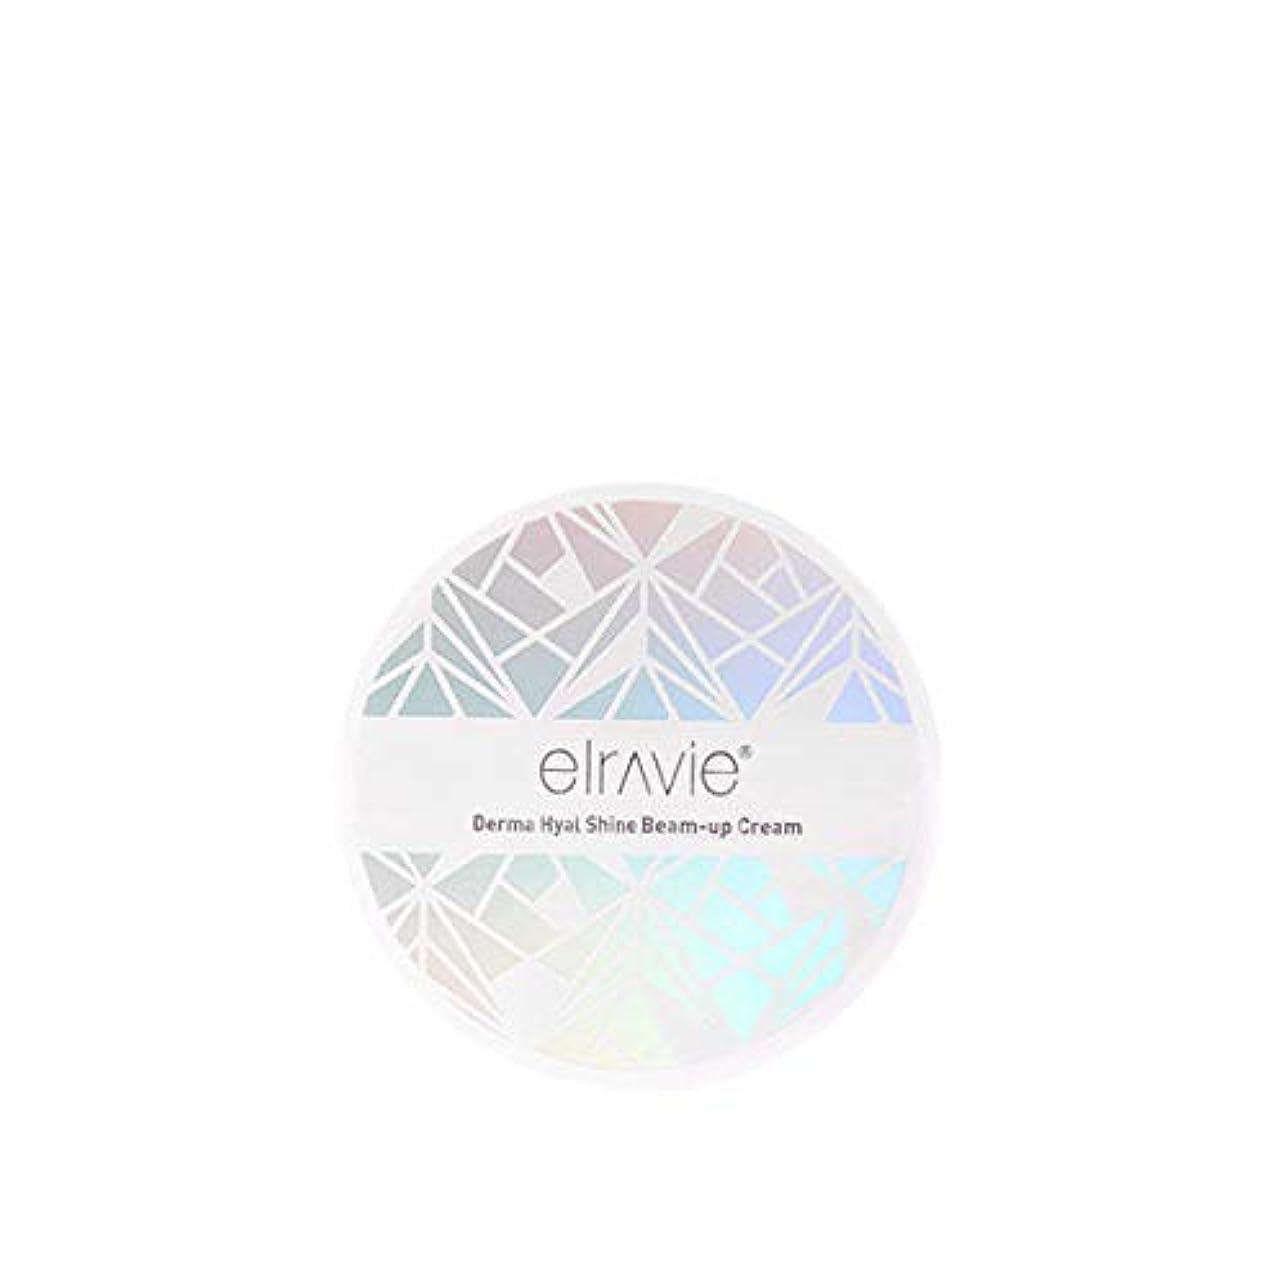 砂の楽観的精査するエラヴィー[Elravie] ダーマヒアルロン酸 輝くビームアップクリーム15g / Derma Hyal Shine Beam-up Cream